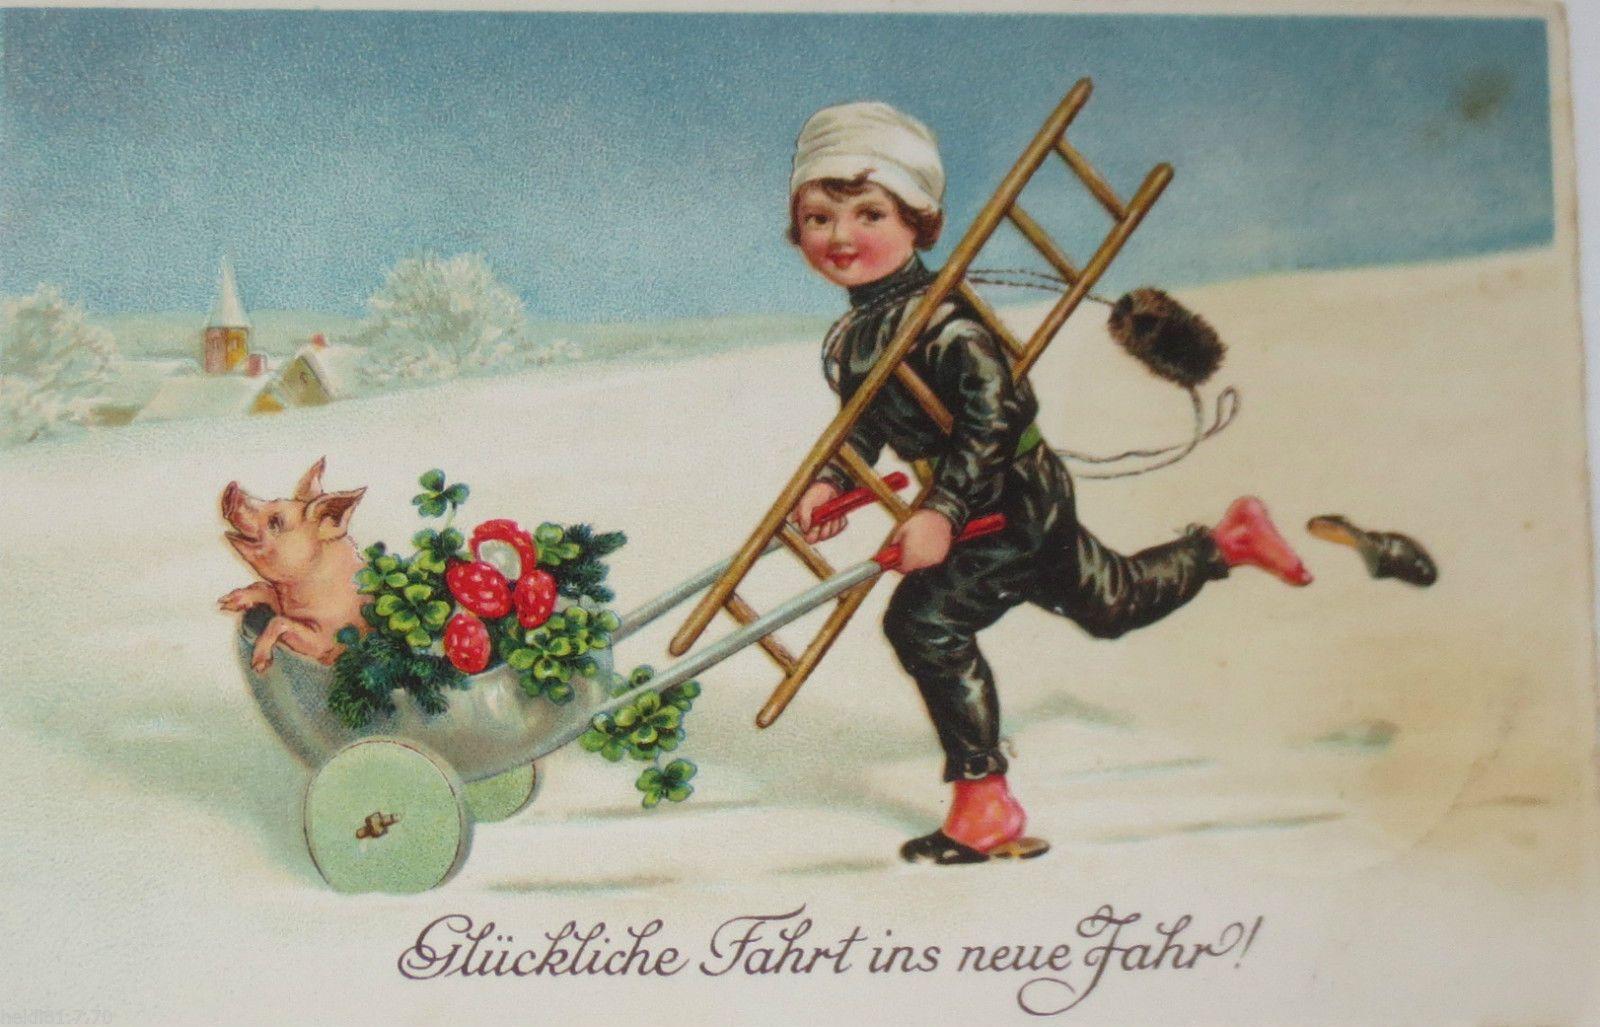 Neujahr Schwein Pilz Kleeblatt Schubkarre Schornsteinfeger1935